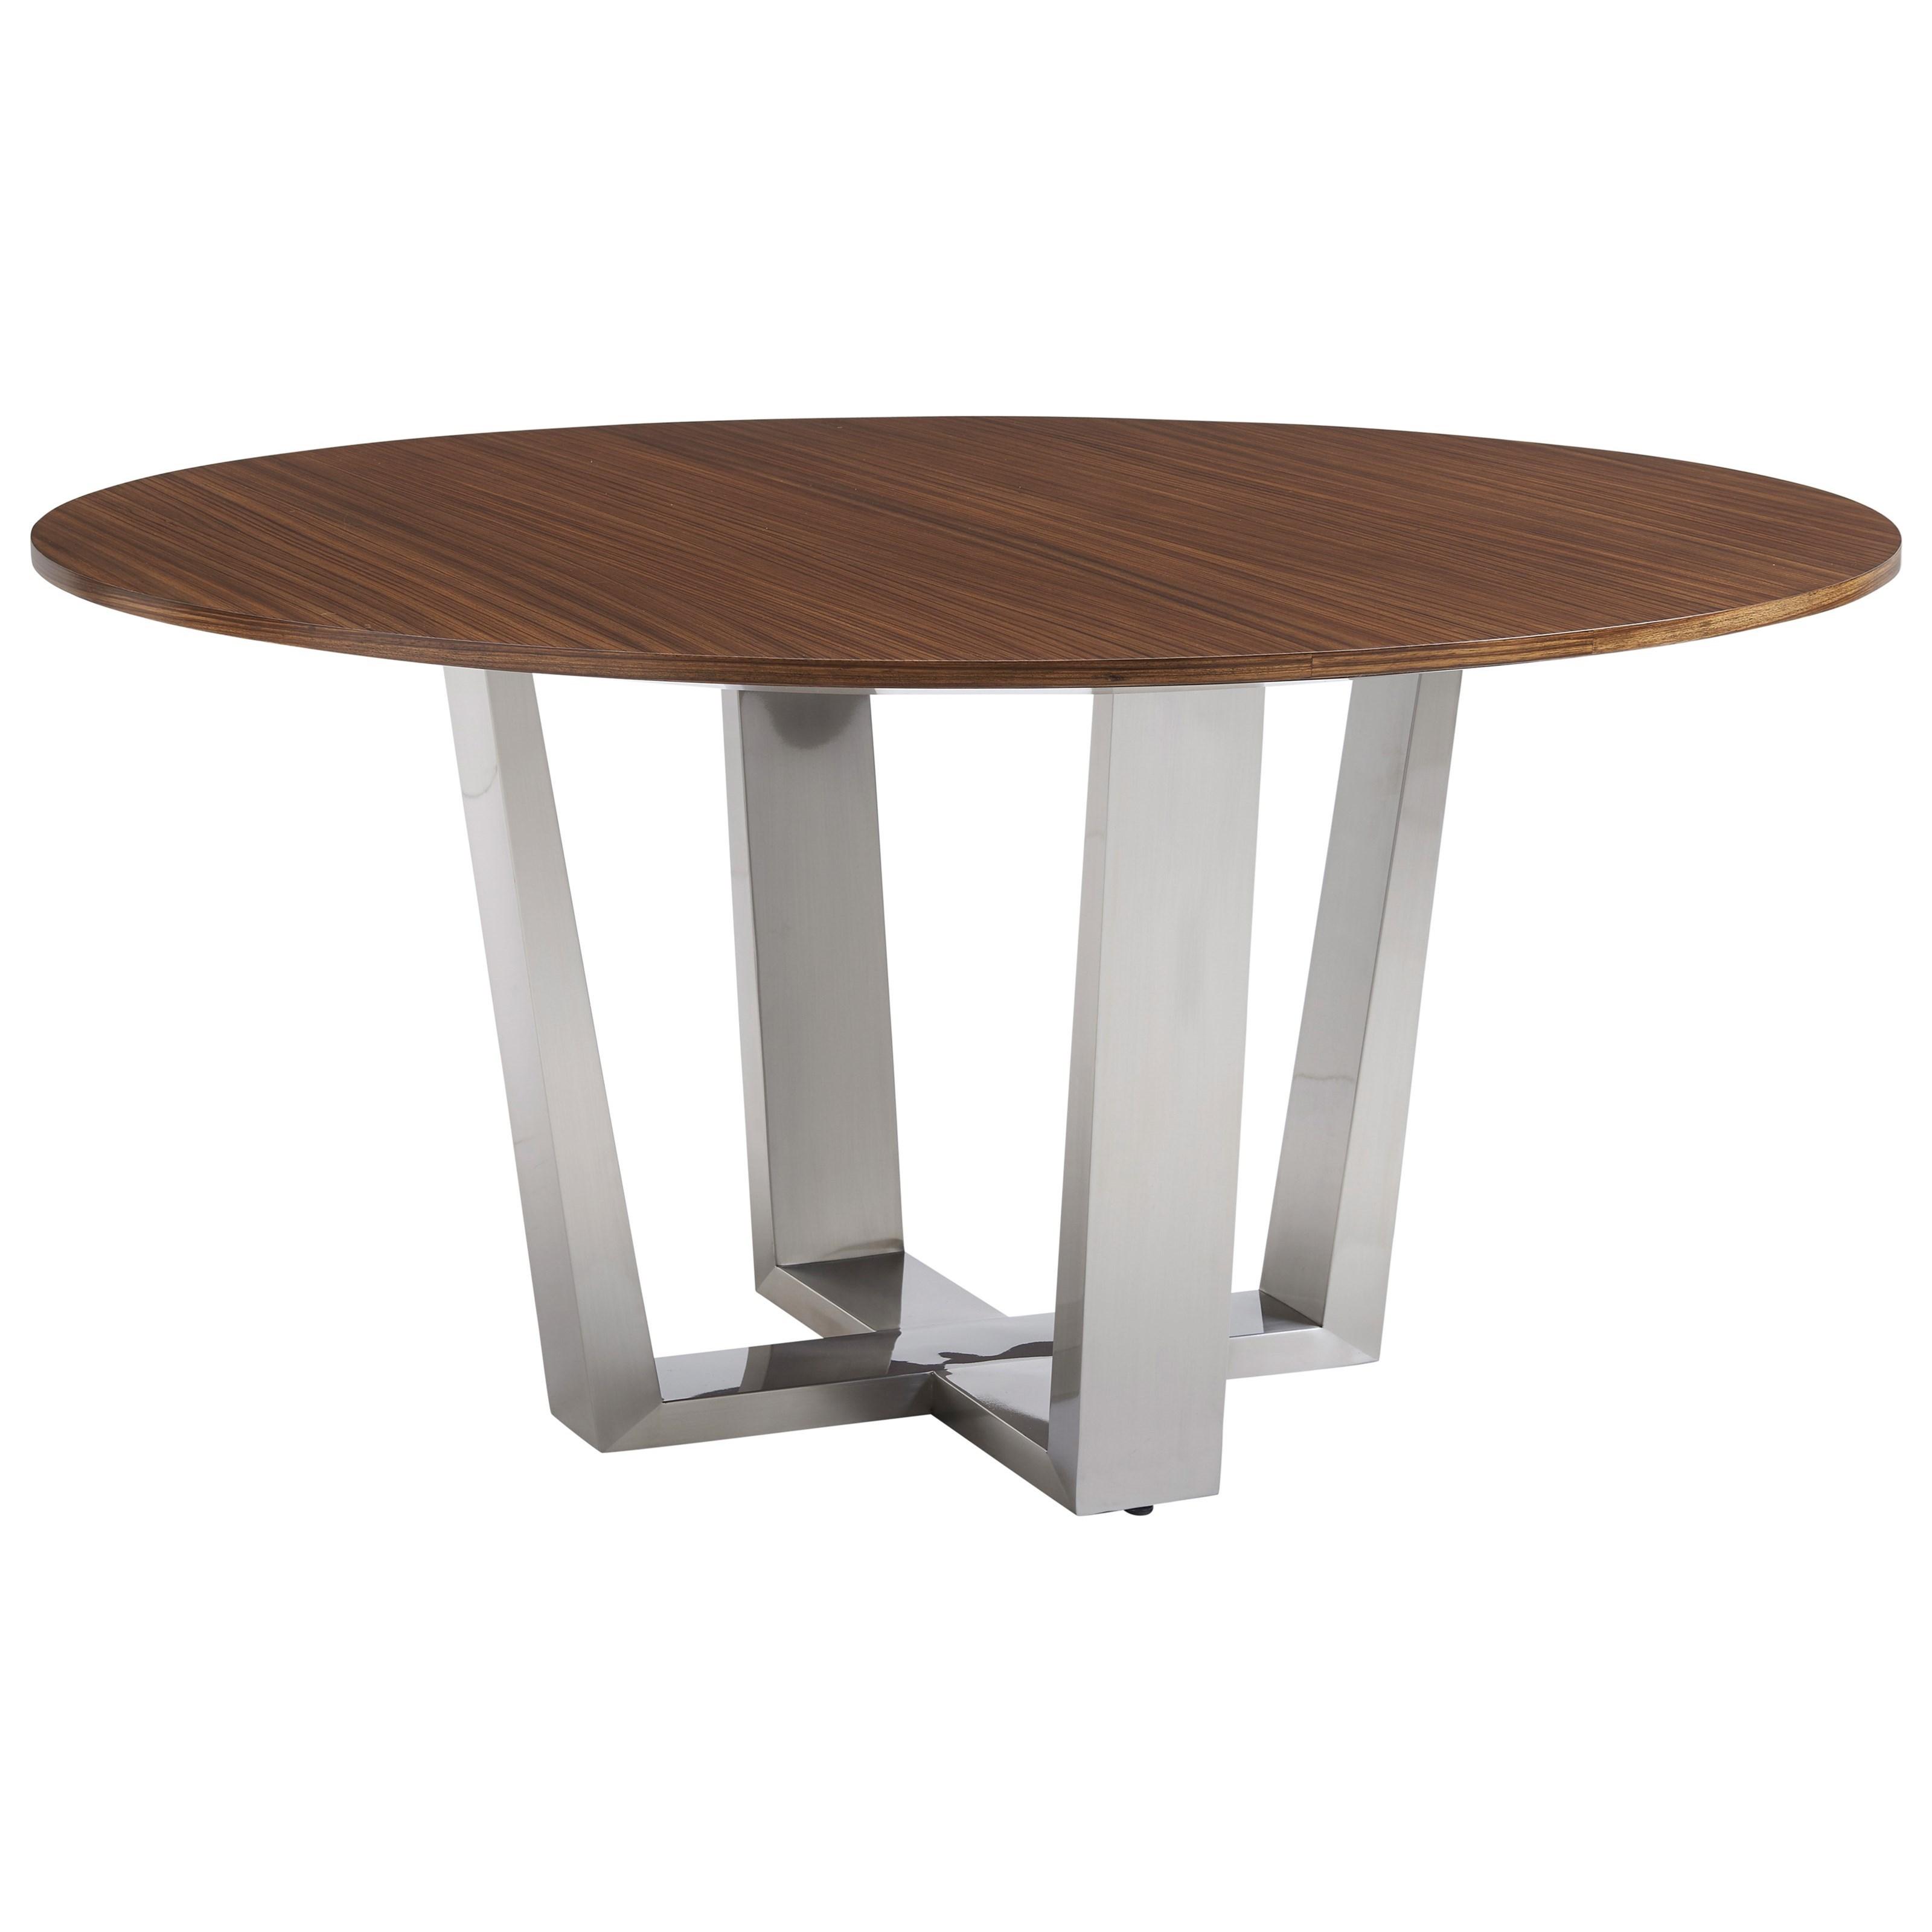 Kitano Mandara Round Dining Table by Lexington at Johnny Janosik